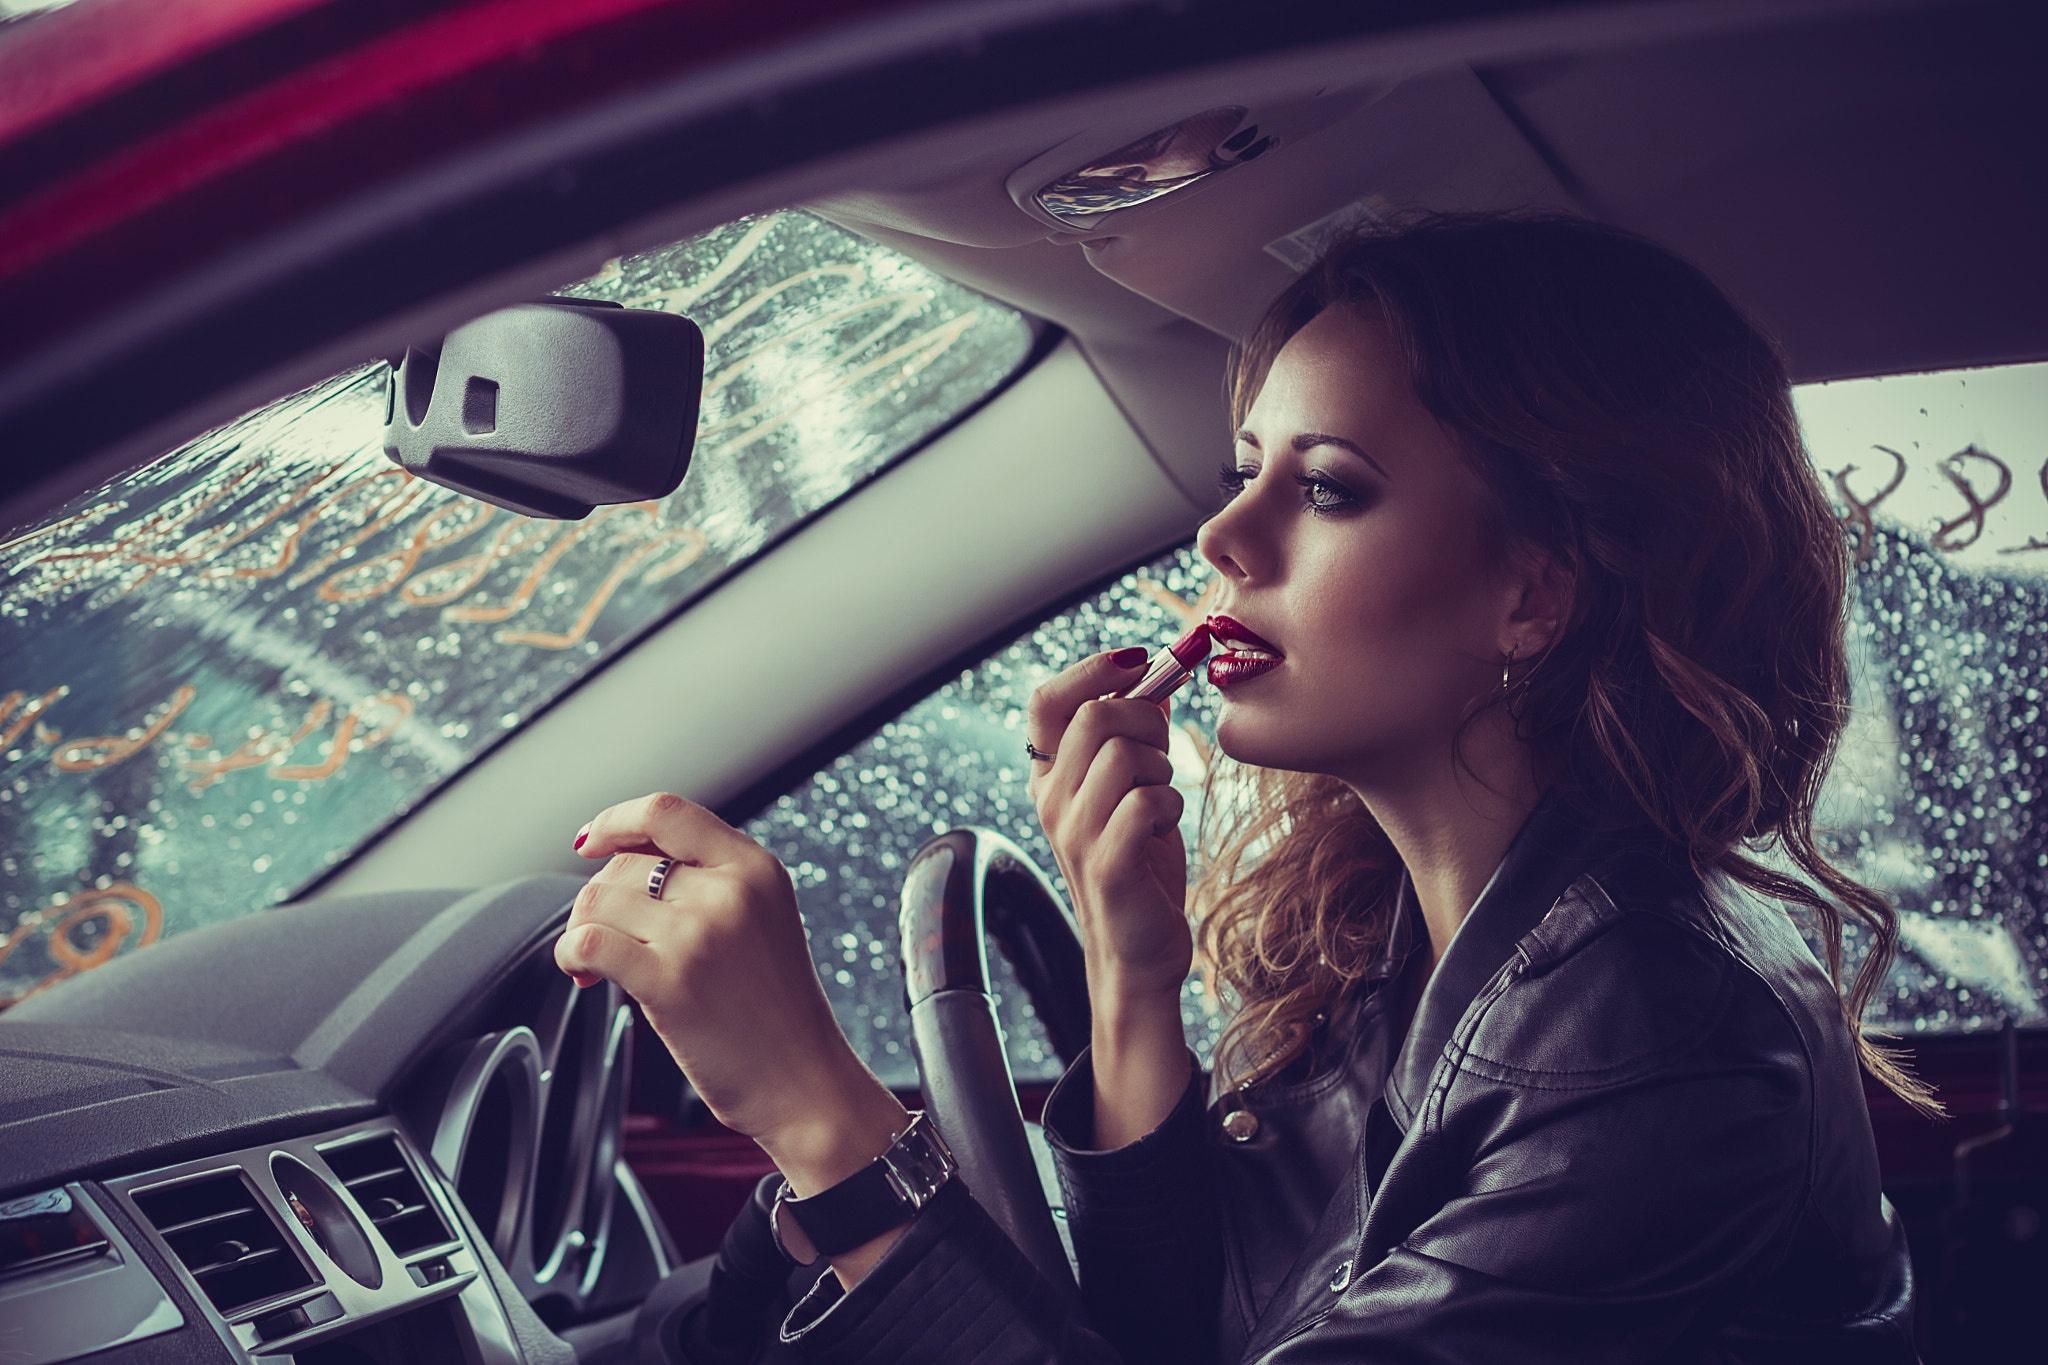 для этого девушки в машине красивые что отказал, просто